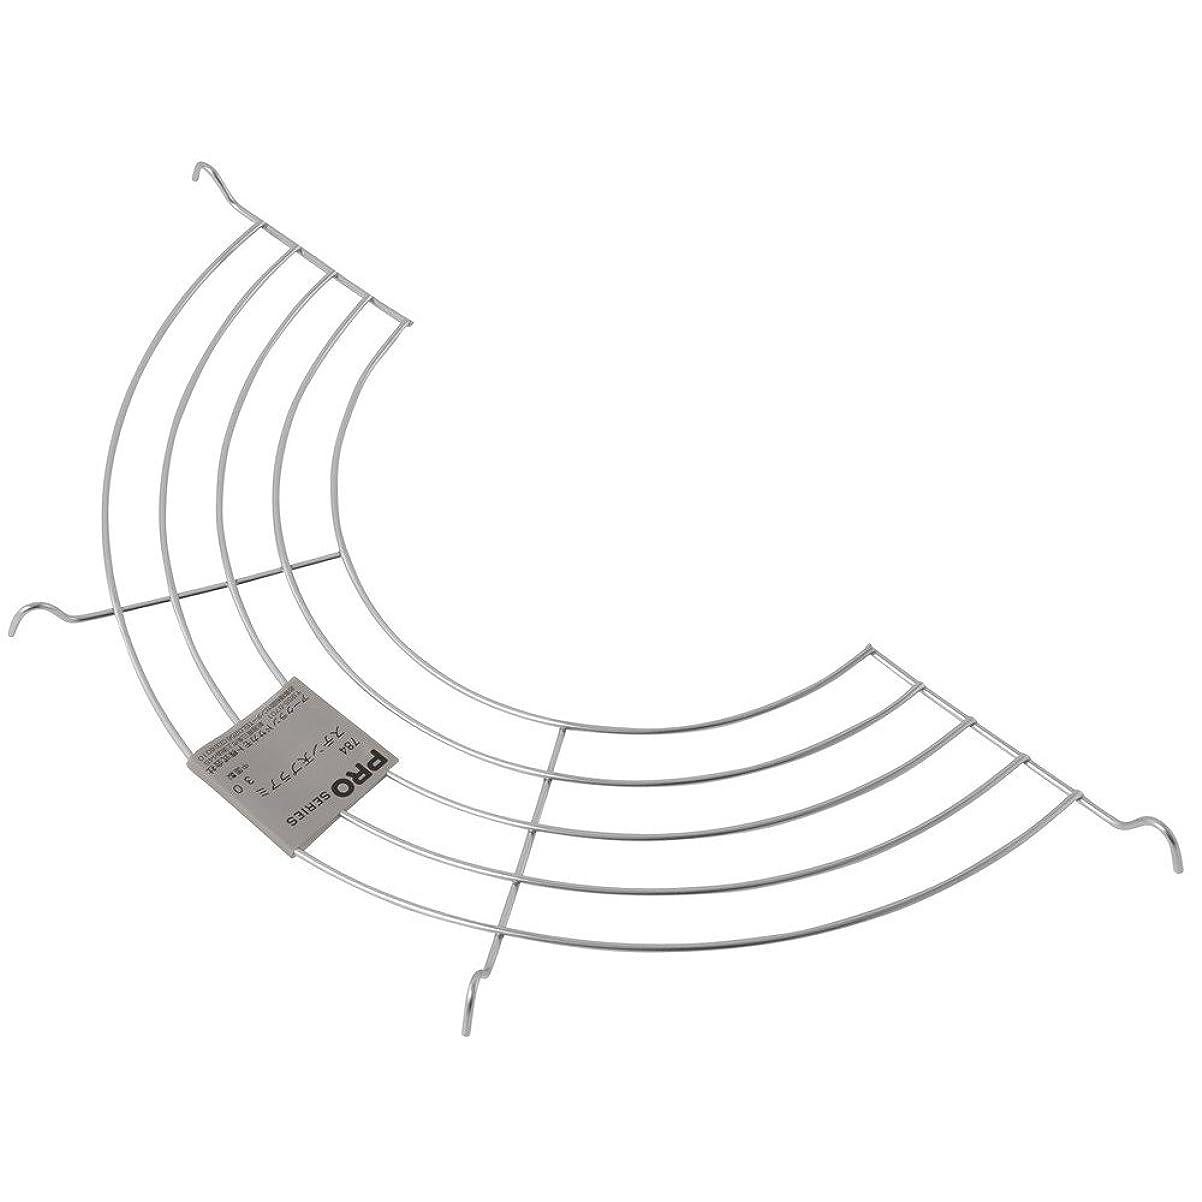 高齢者困惑するダウンPRO SERIES 18-8ステン天プラアミ 30cm